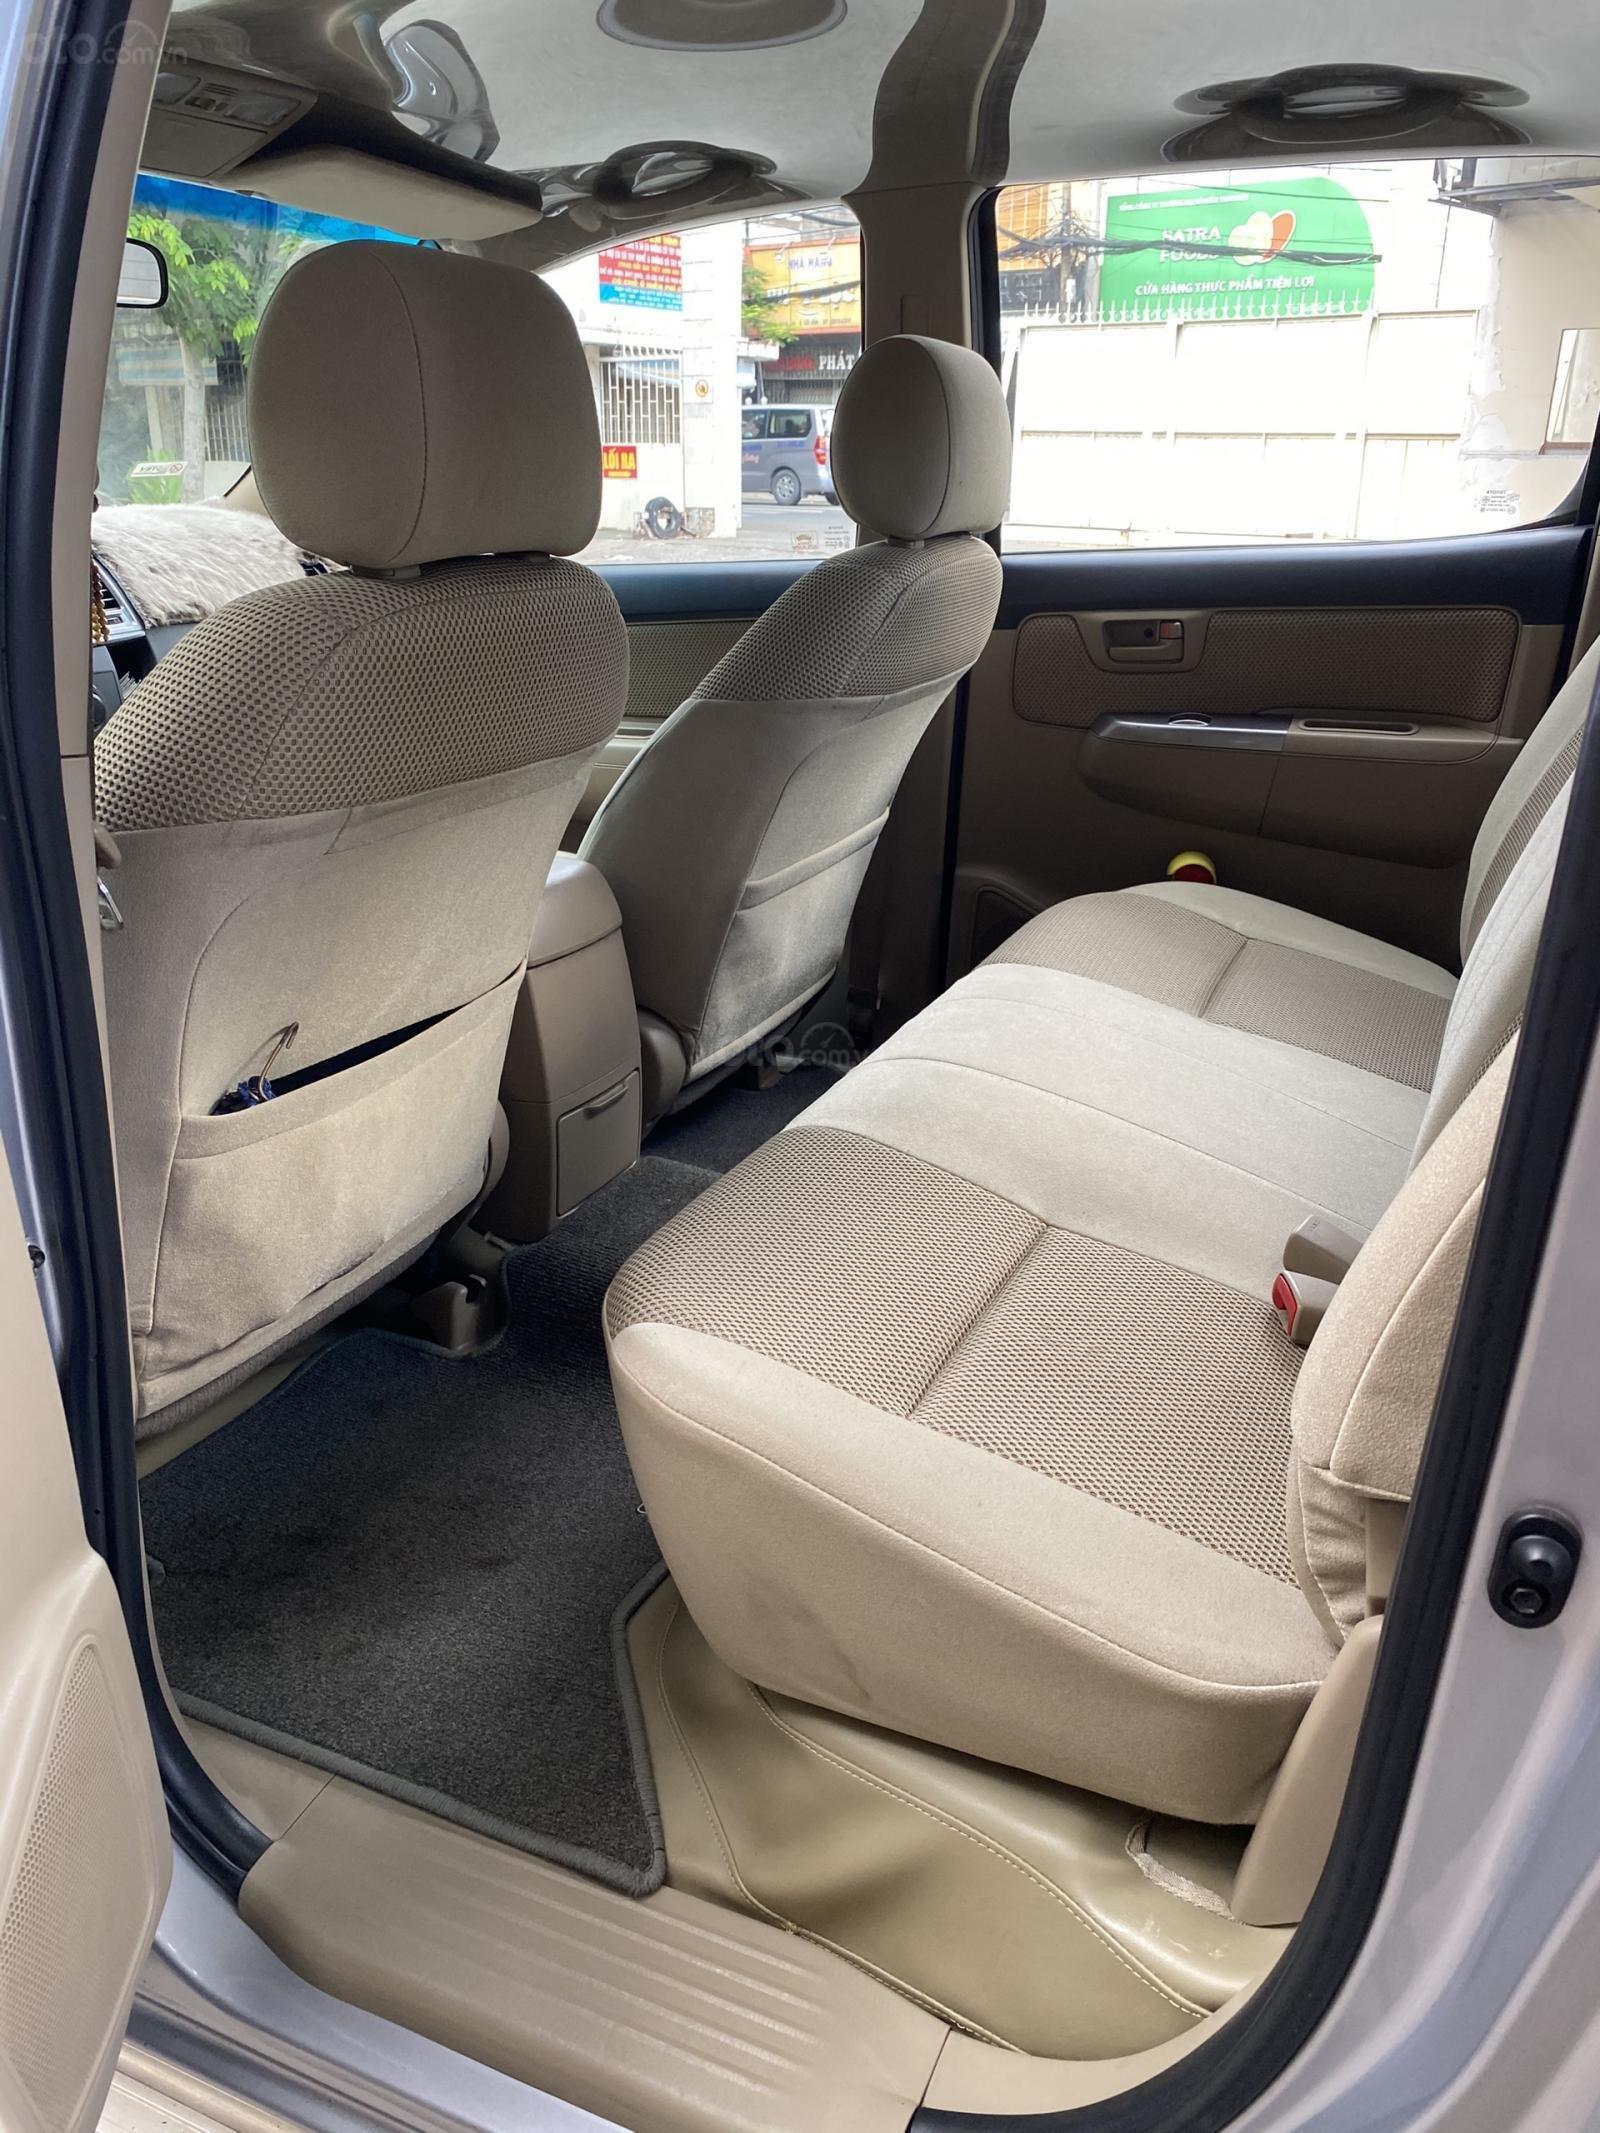 Bán Toyota Hilux 4x4 đời 2014, màu bạc còn rất mới giá chỉ 430 triệu (14)